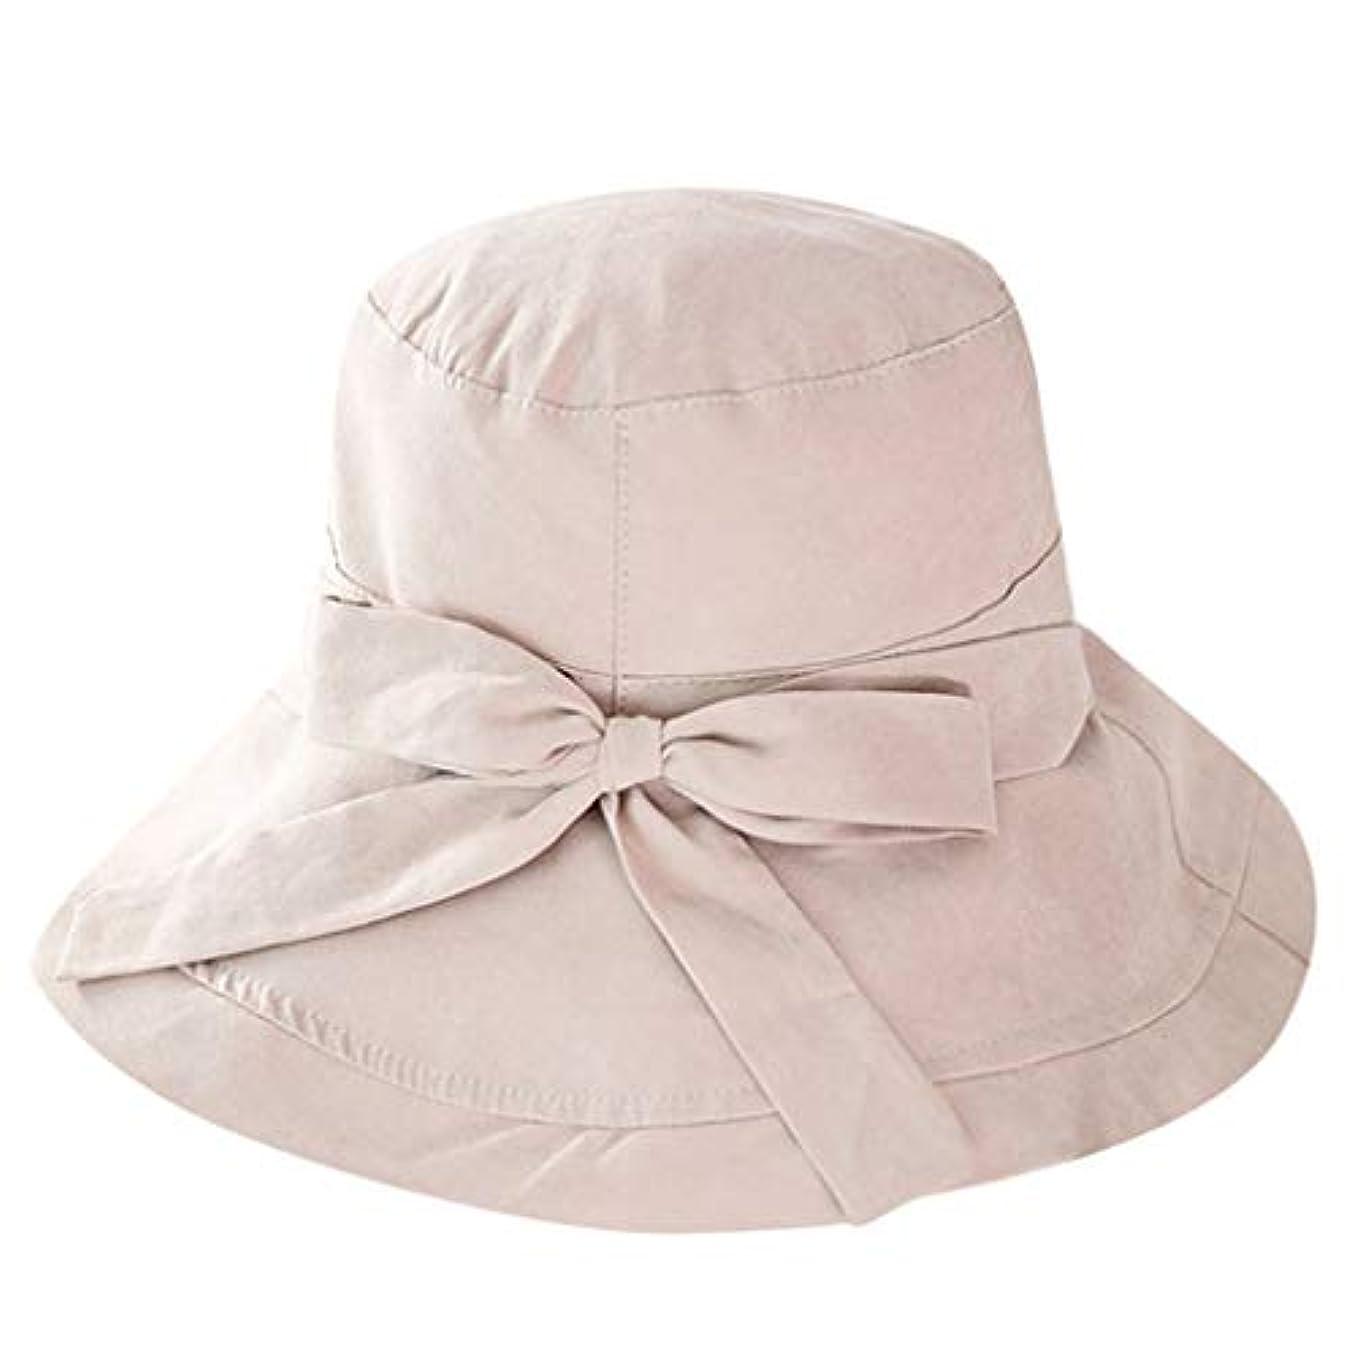 スカウトファン操作可能帽子 レディース 夏 綿 つば広い おしゃれ シンプル カジュアル UVカット 帽子 ハット レディース おしゃれ 可愛い 夏 小顔効果 折りたたみ サイズ調節可 蝶結び 森ガール オールシーズン ROSE ROMAN